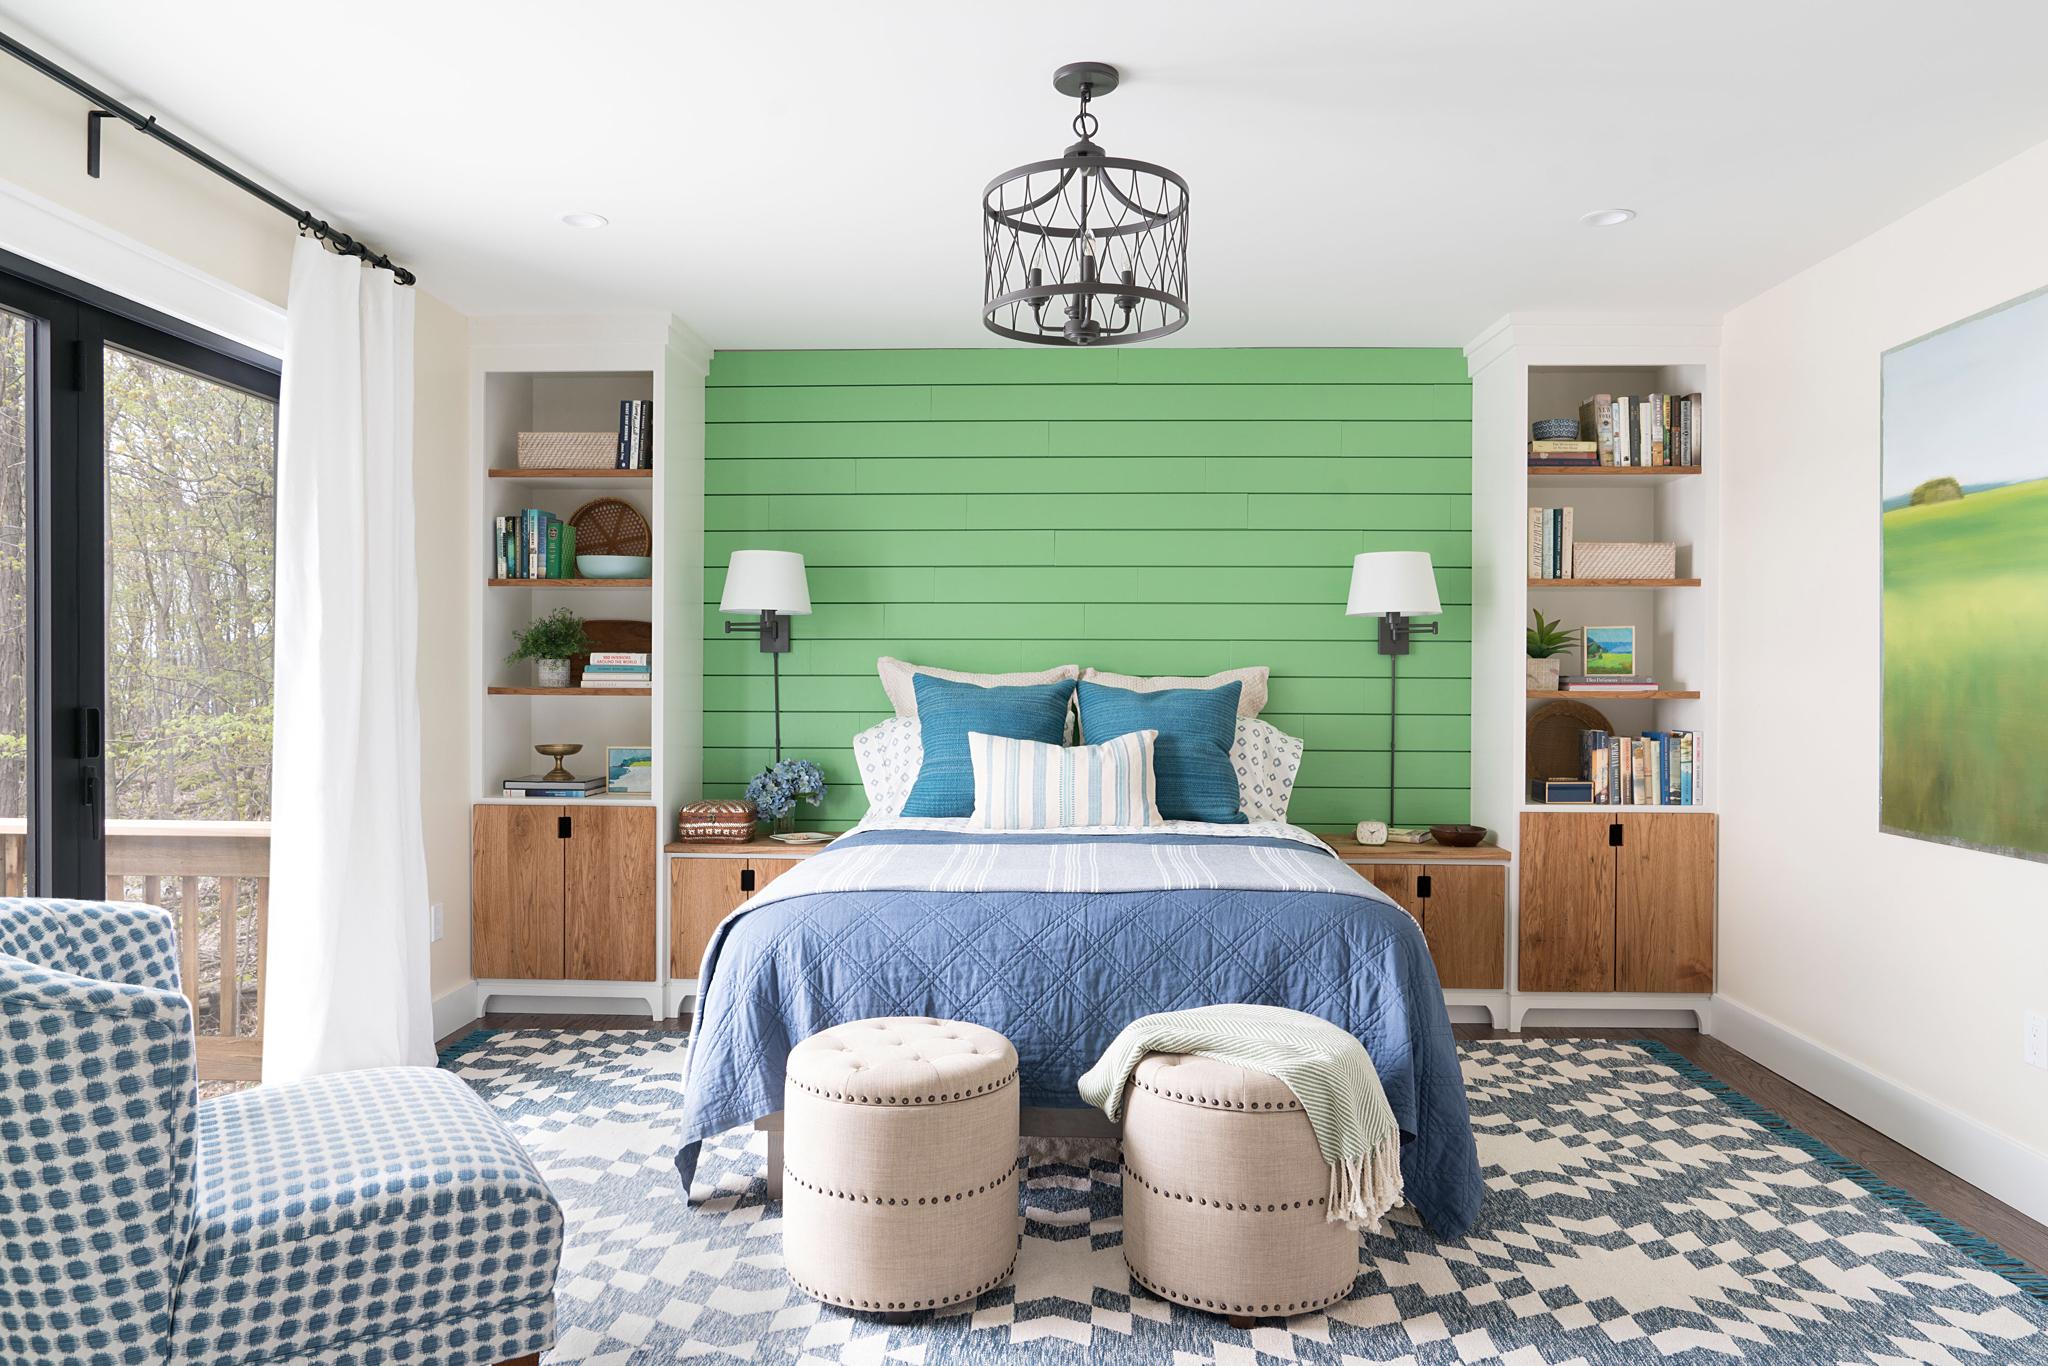 спальня стена изголовье полки кровать пуф ковер прикроватные лампы окно ковер